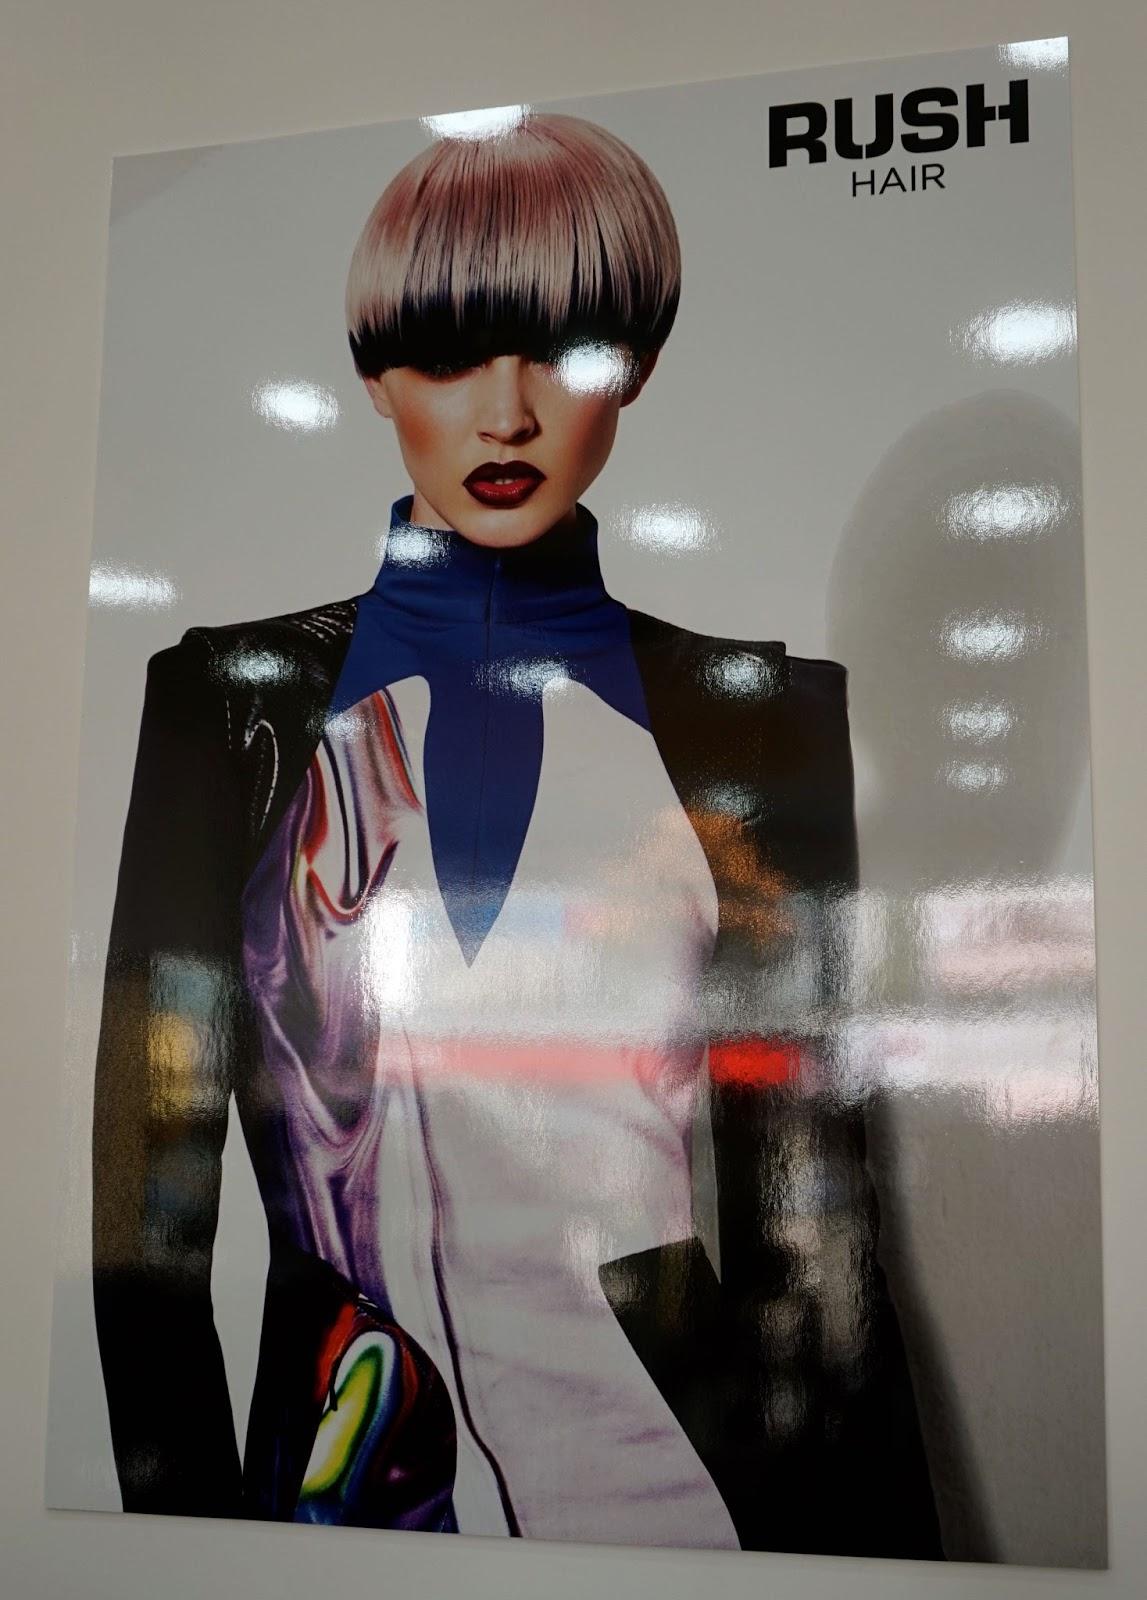 Rush Hair Salon London